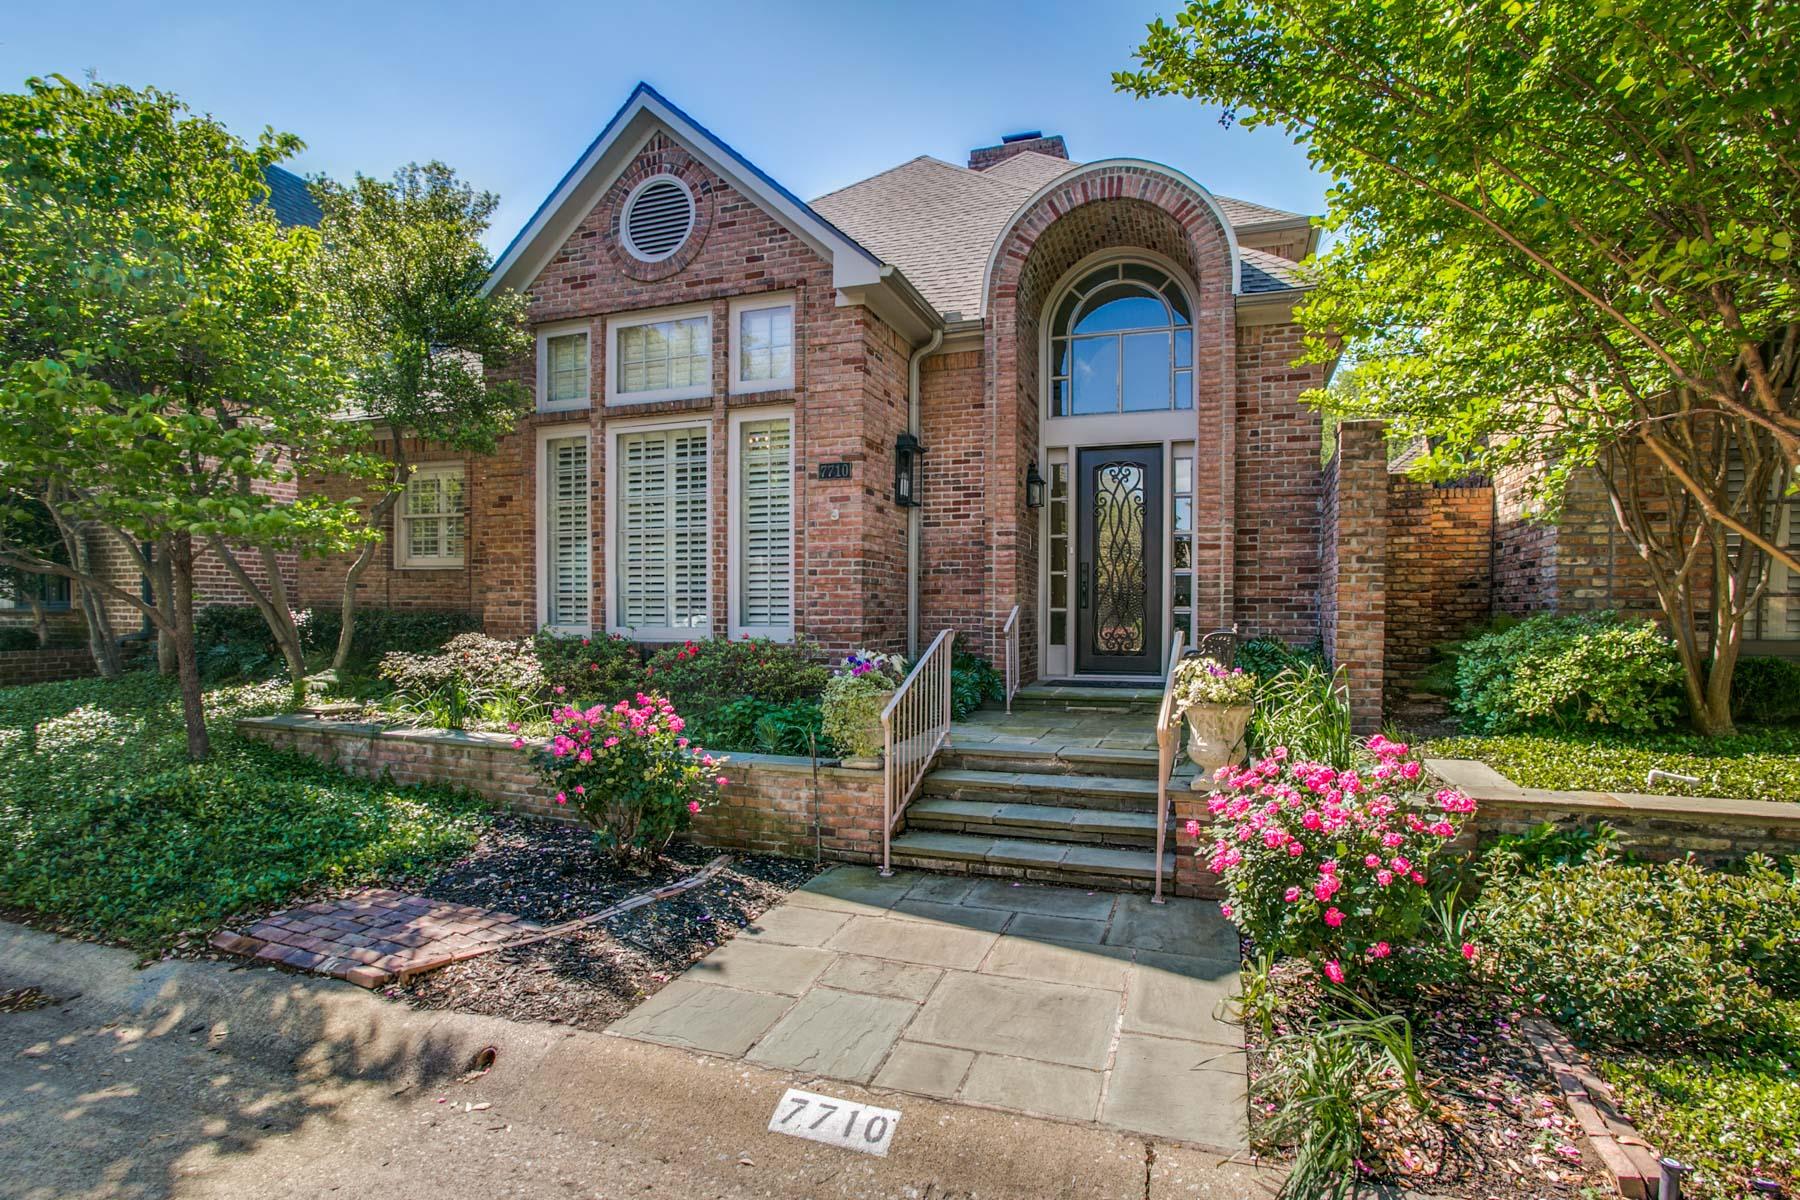 Частный односемейный дом для того Продажа на 7710 Marquette St, Dallas Dallas, Техас, 75225 Соединенные Штаты